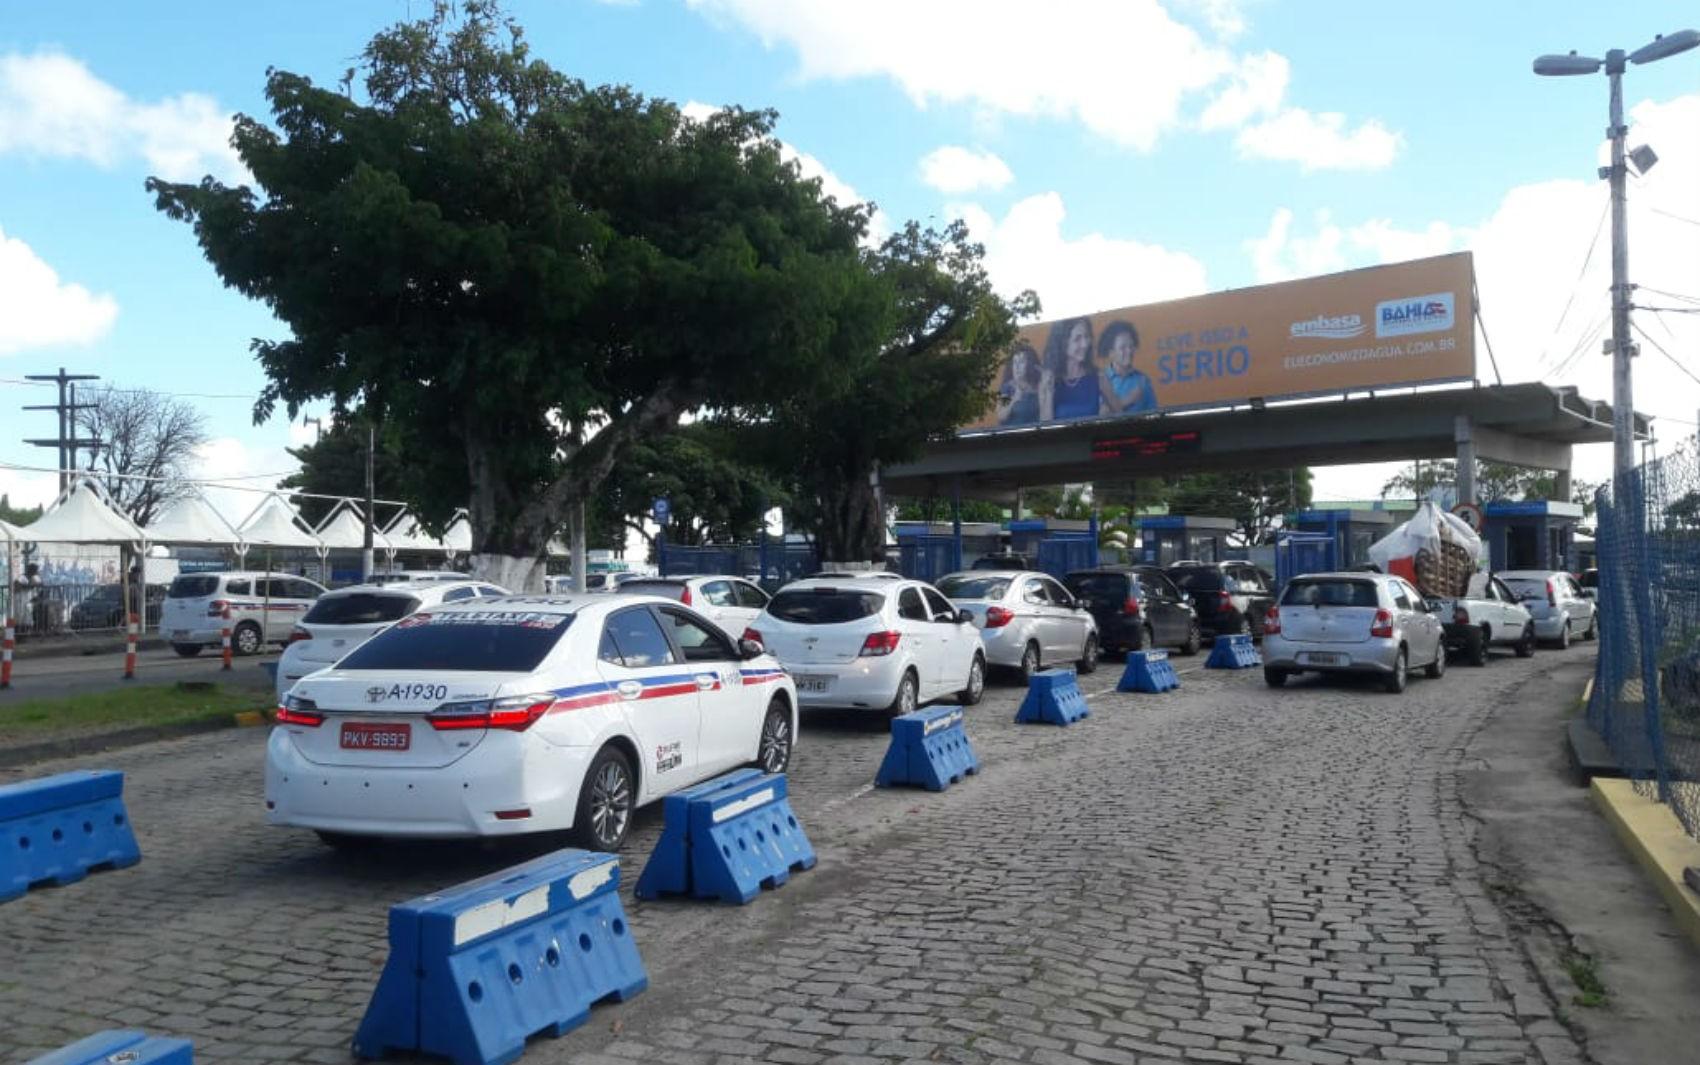 Ferry boat tem movimento tranquilo para carros e pedestres; principais estradas da Bahia seguem sem congestionamento